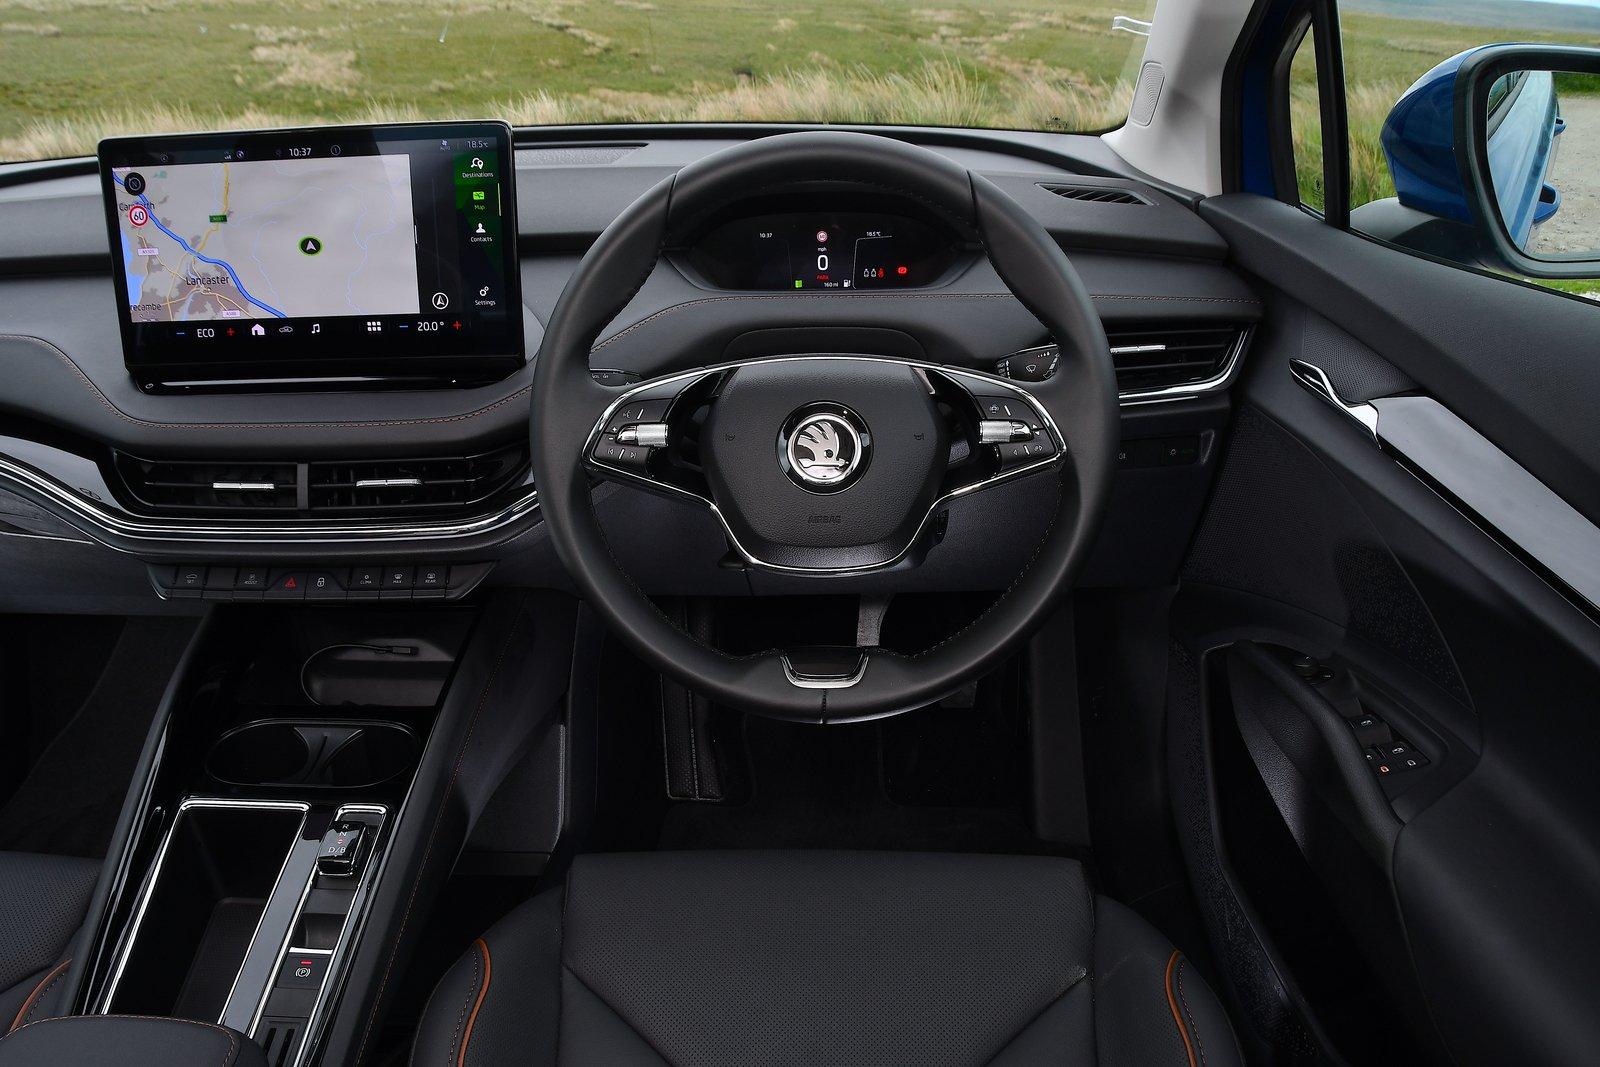 Skoda Enyaq iV 2021 interior dashboard